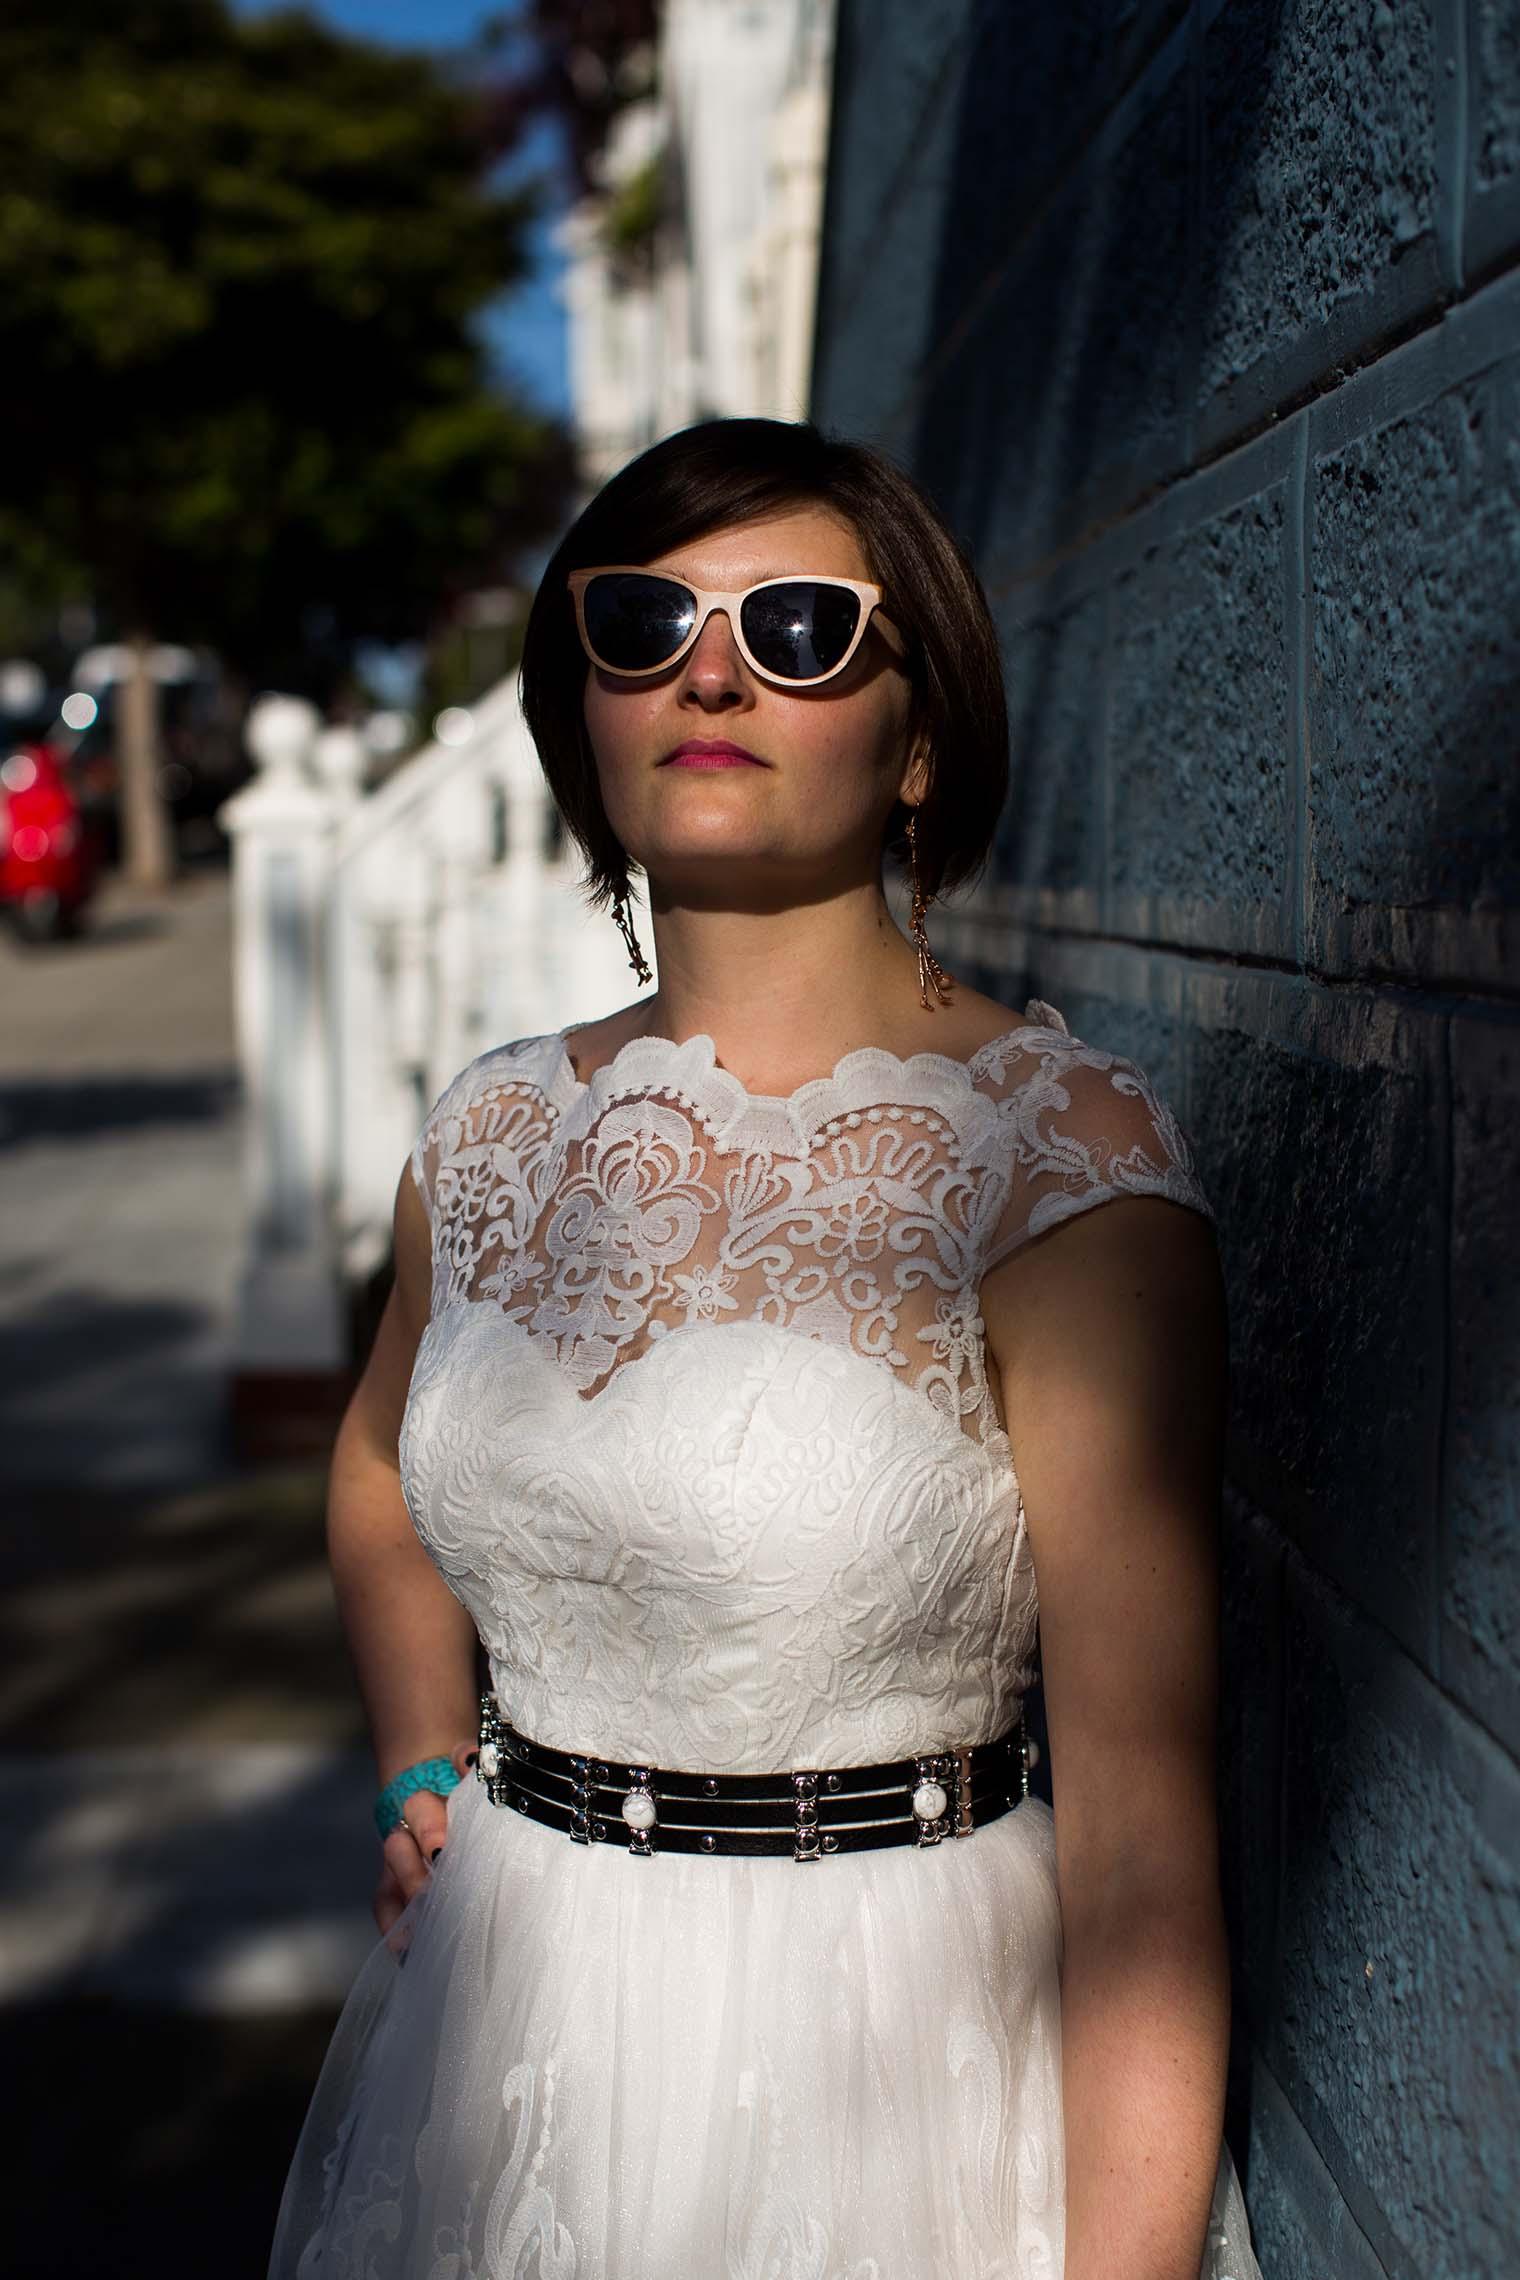 Bride portrait in San Francisco